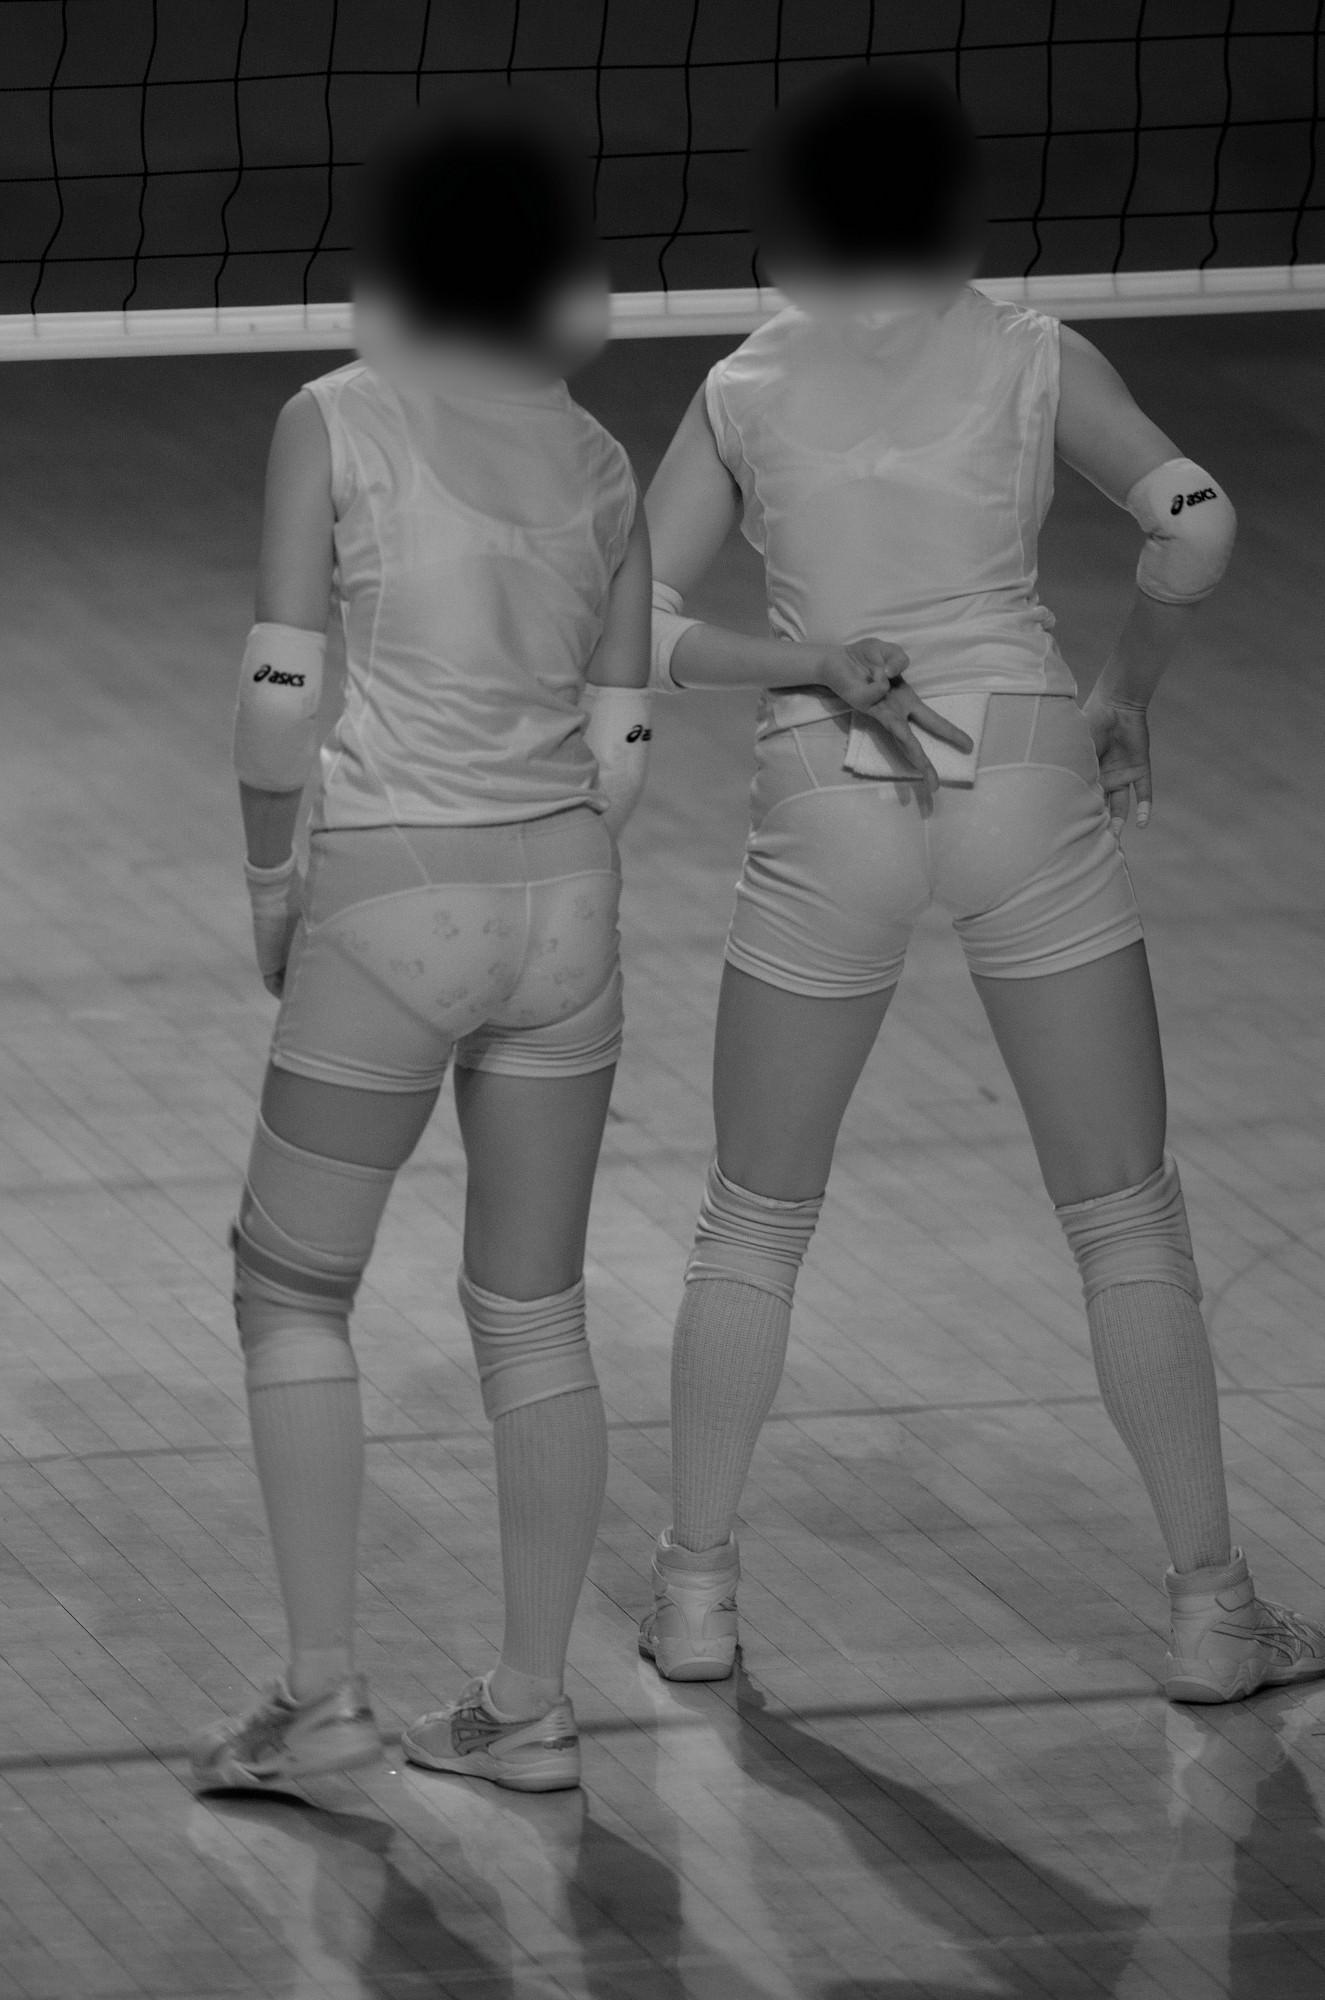 赤外線カメラ半端ない!!女子バレー選手のパンツとブラが透けまくってるスポーツ系エロ画像 1727